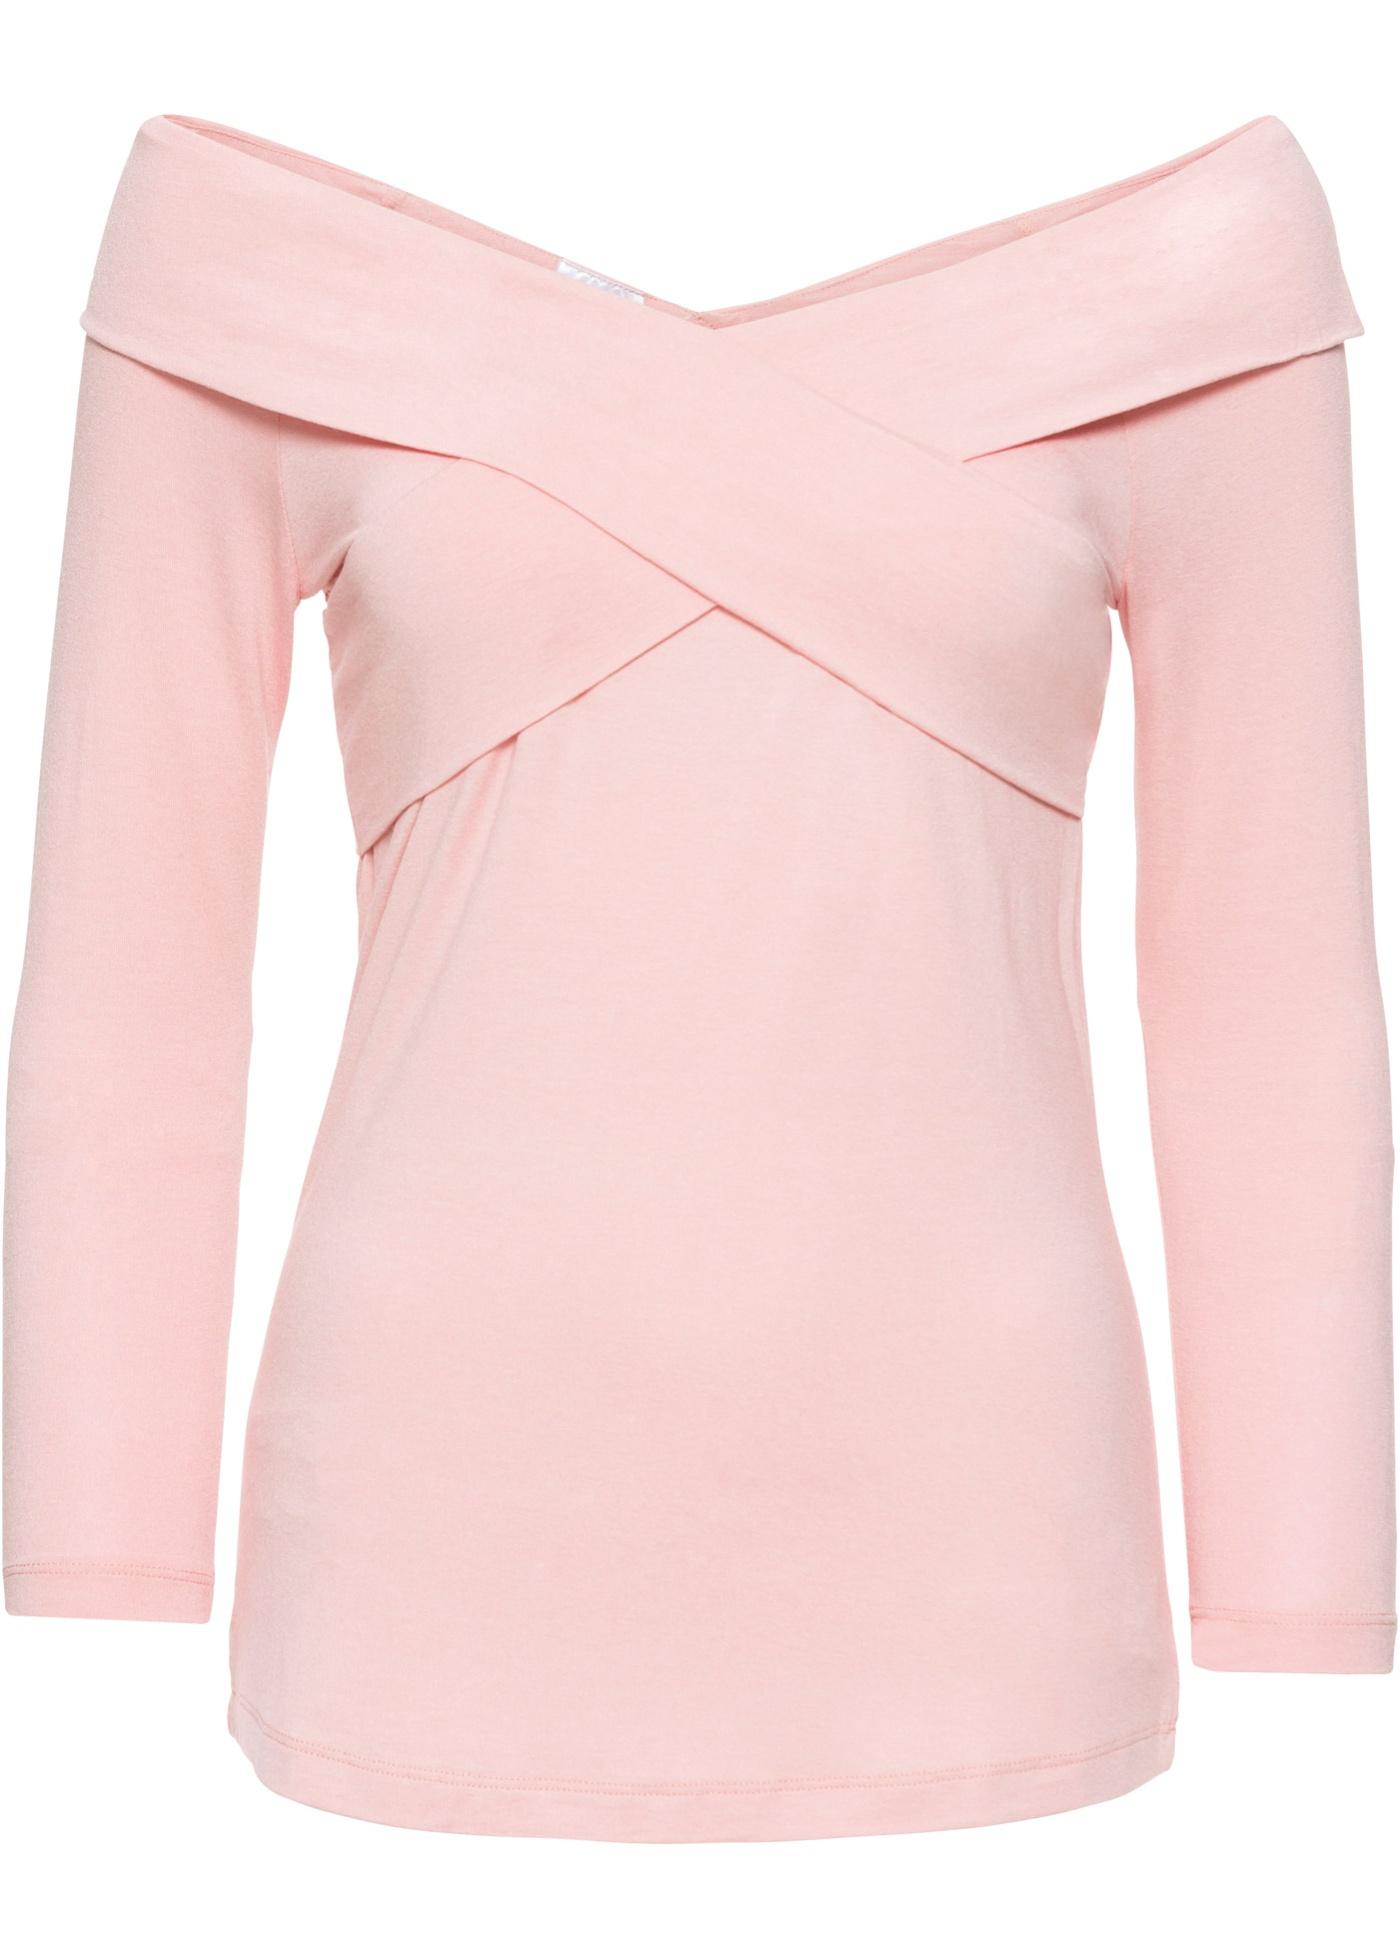 4 3 Pour Cache shirt Rose BonprixT Femme Style Bodyflirt cœur Jersey Manches tQrCsdxh